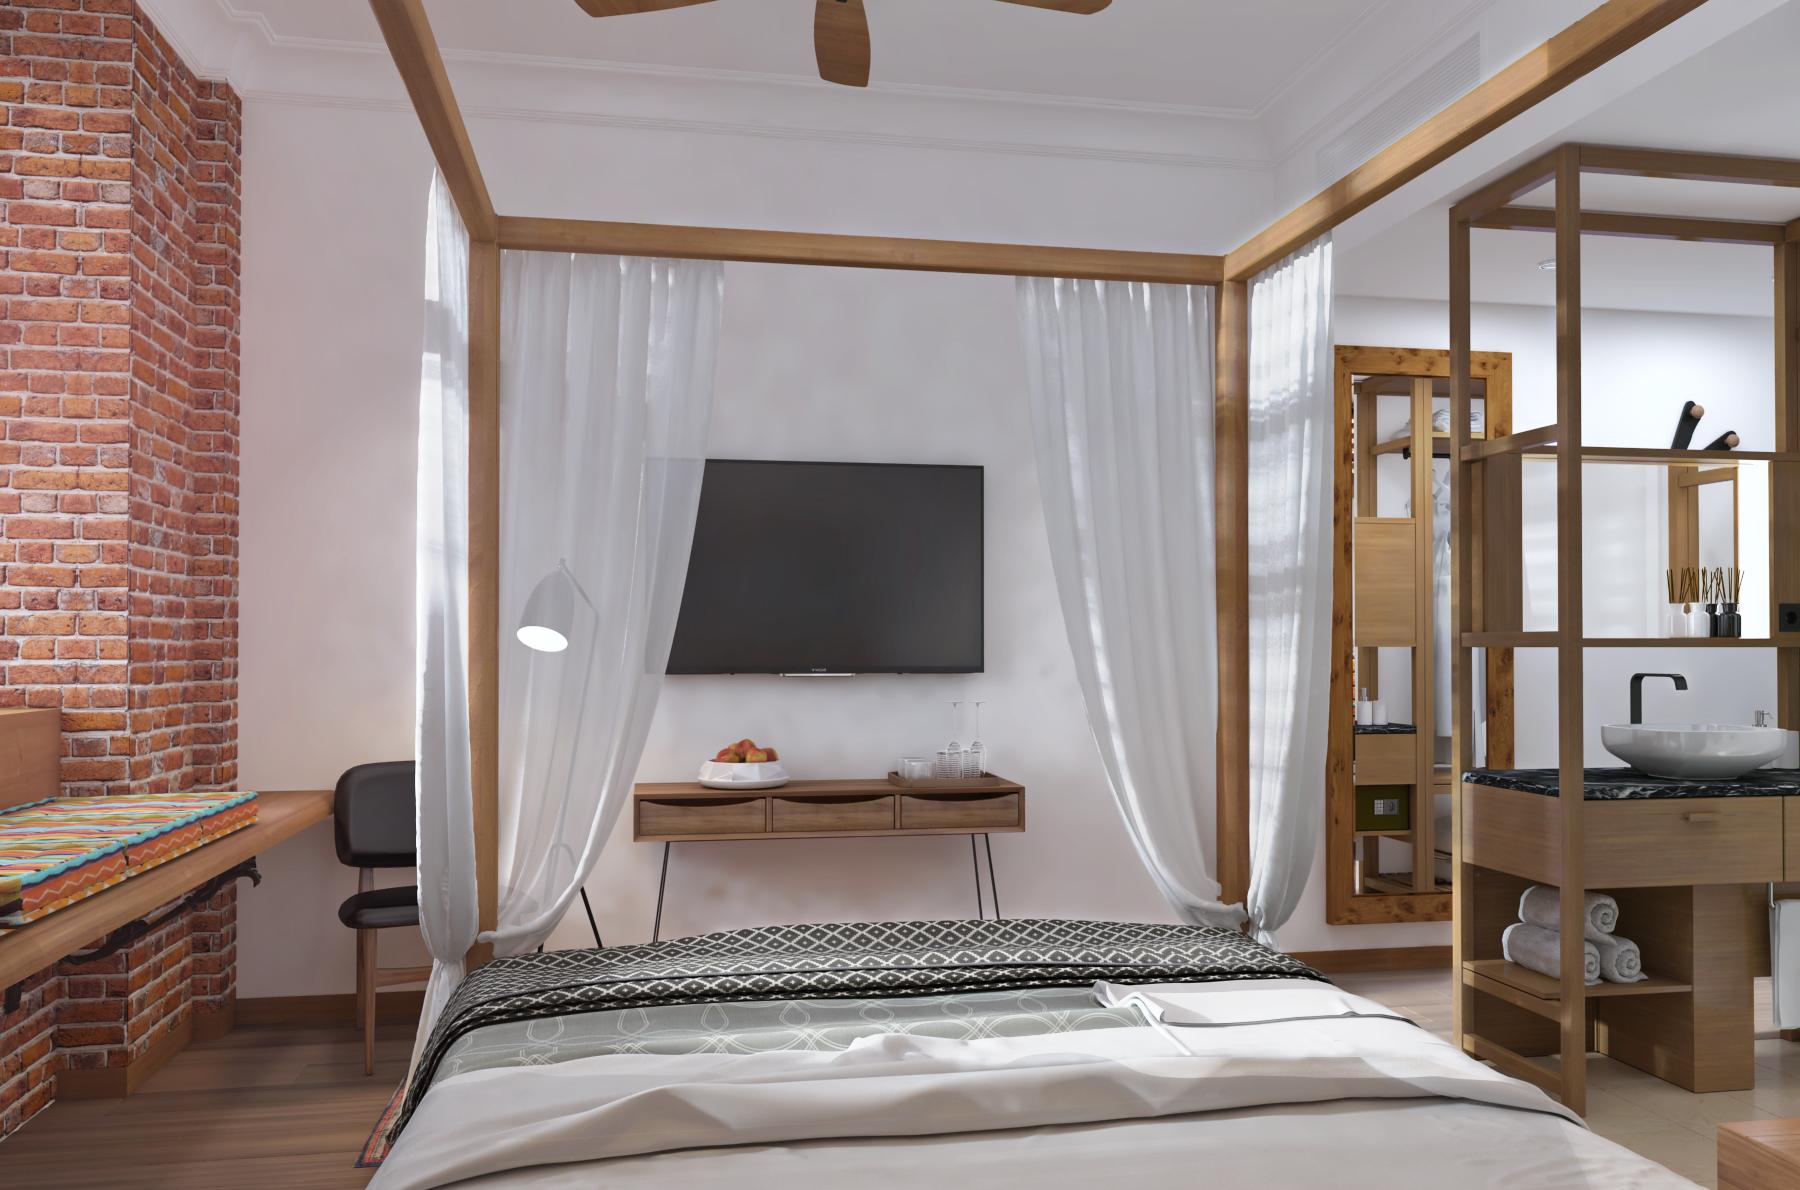 Udover sine 210 værelser får det kommende Guldsmed-hotel på Islands Brygge blandt andet også en gårdhave med træer og buske, to mindre konferencerum, en udendørs pool samt sauna og steam. Illustration via Guldsmeden Hotels.